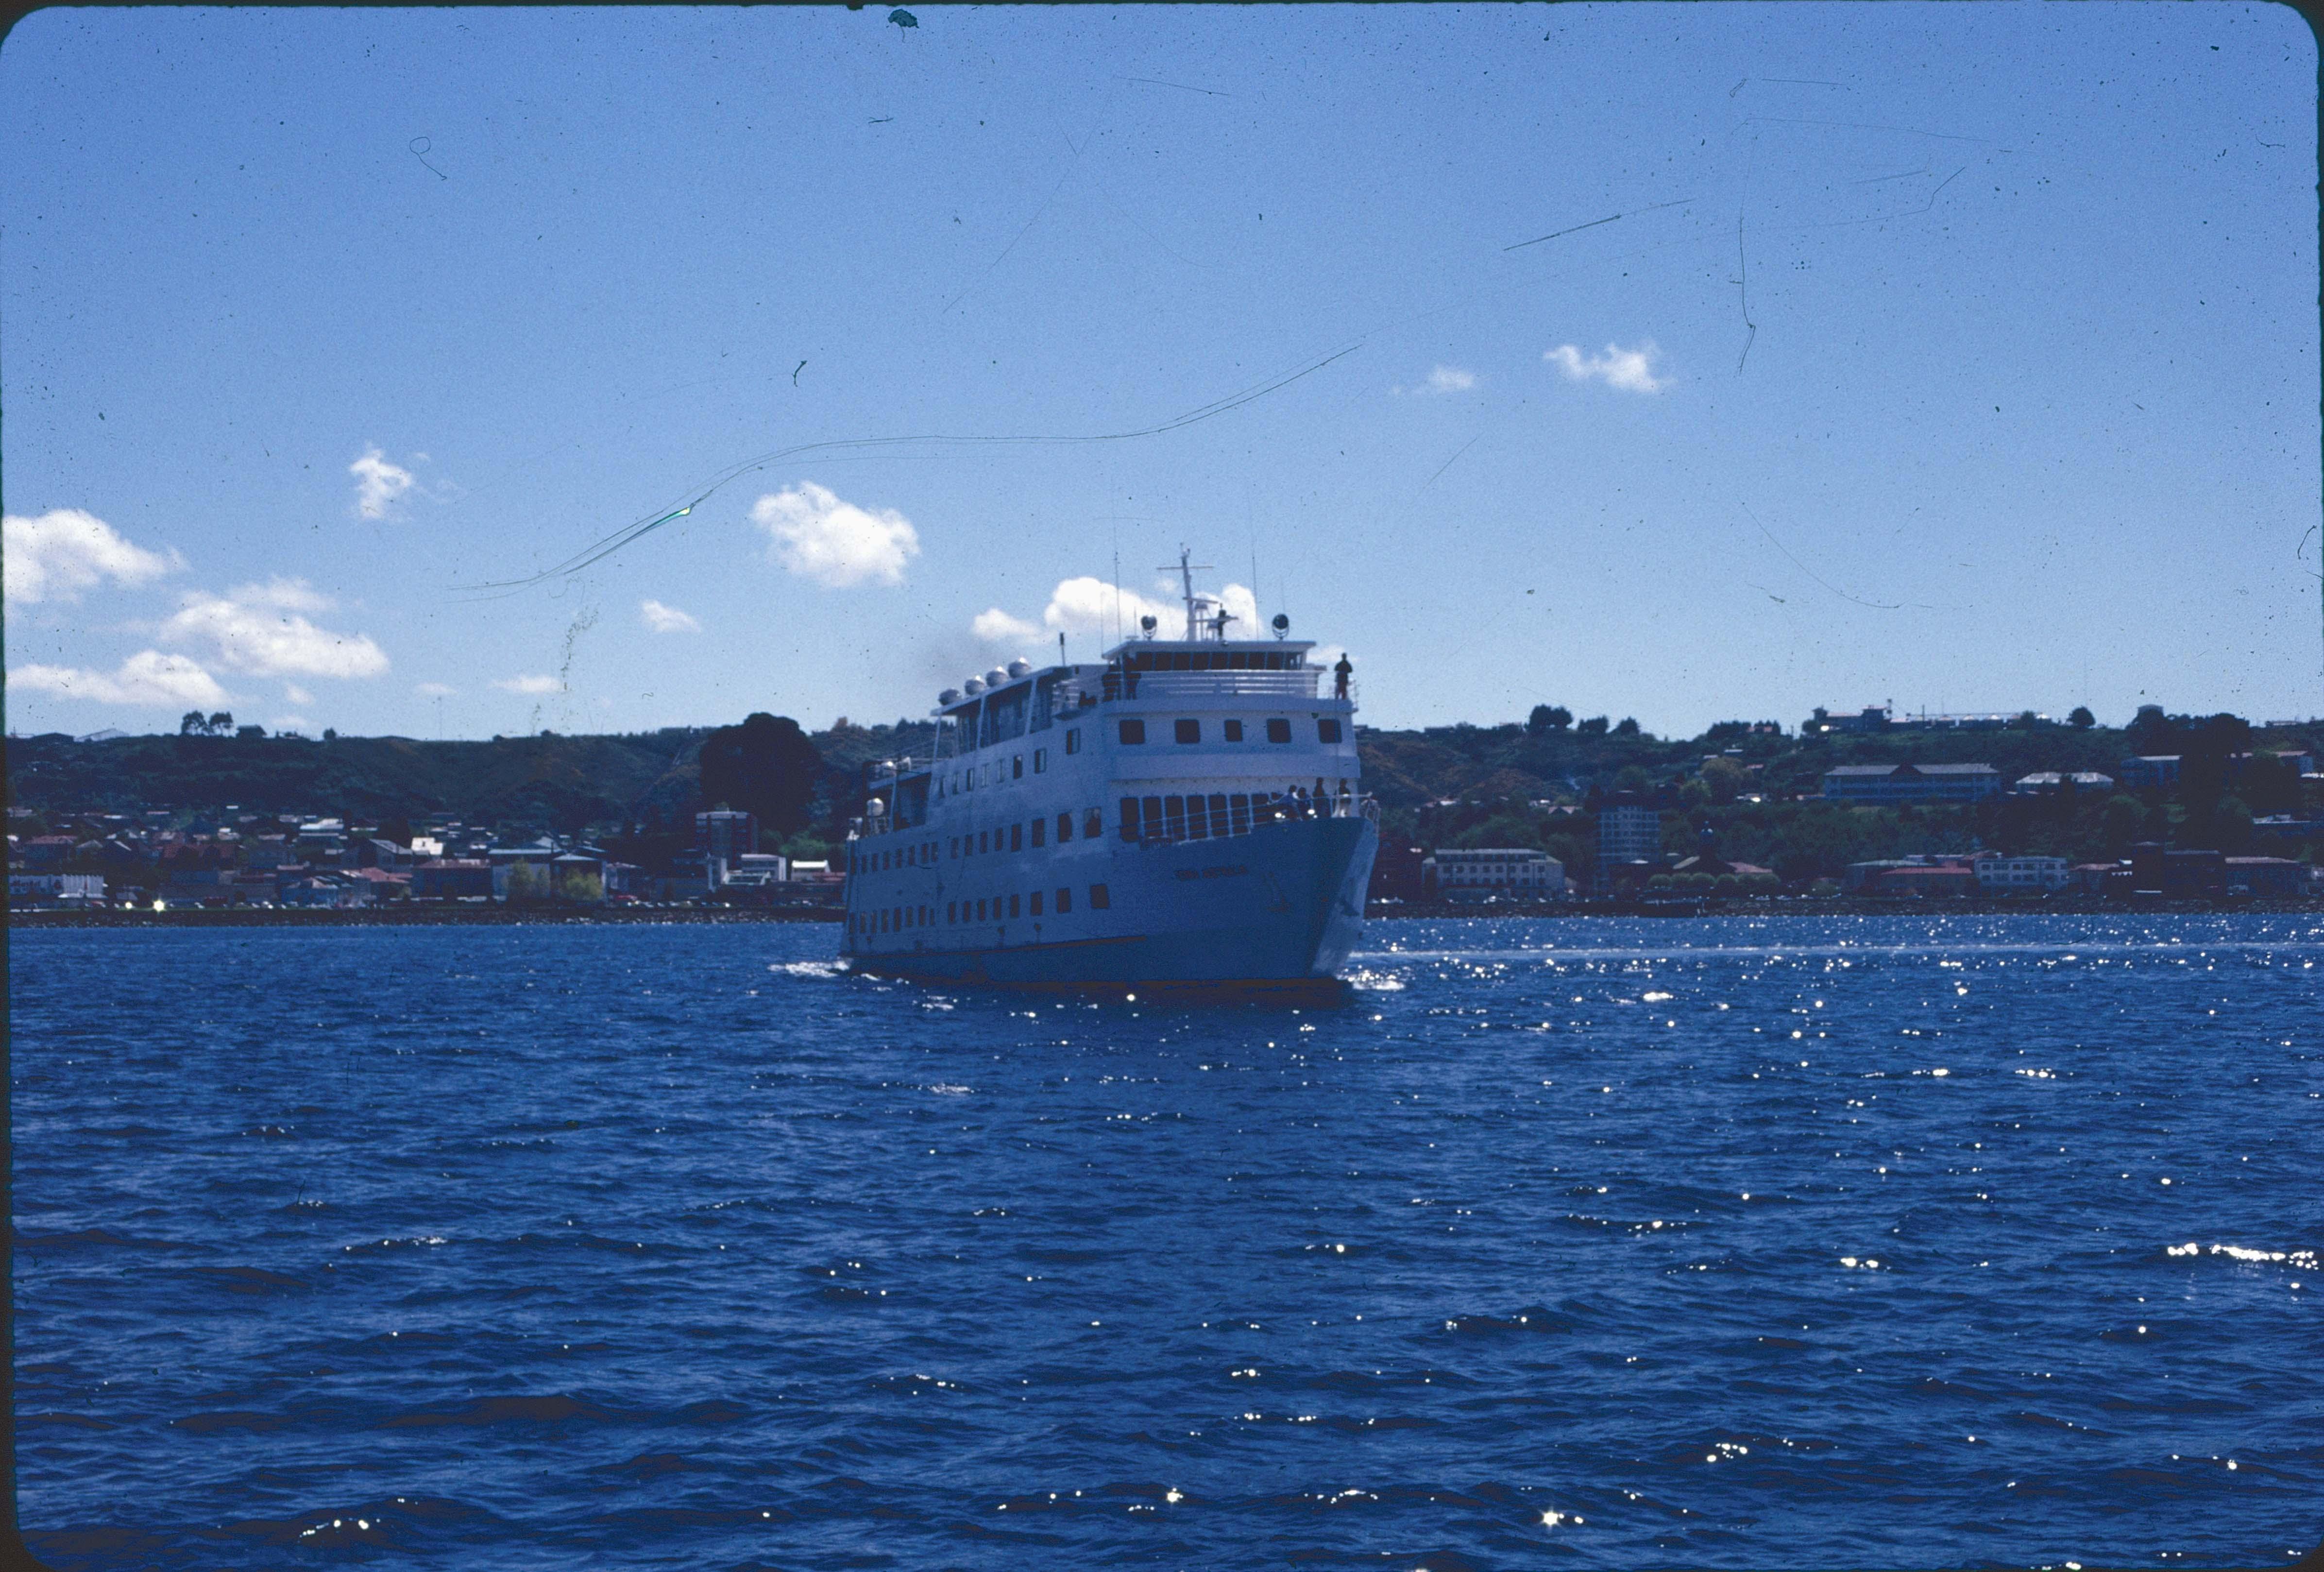 Enterreno - Fotos históricas de chile - fotos antiguas de Chile - Crucero en Punta Arenas en los 90s